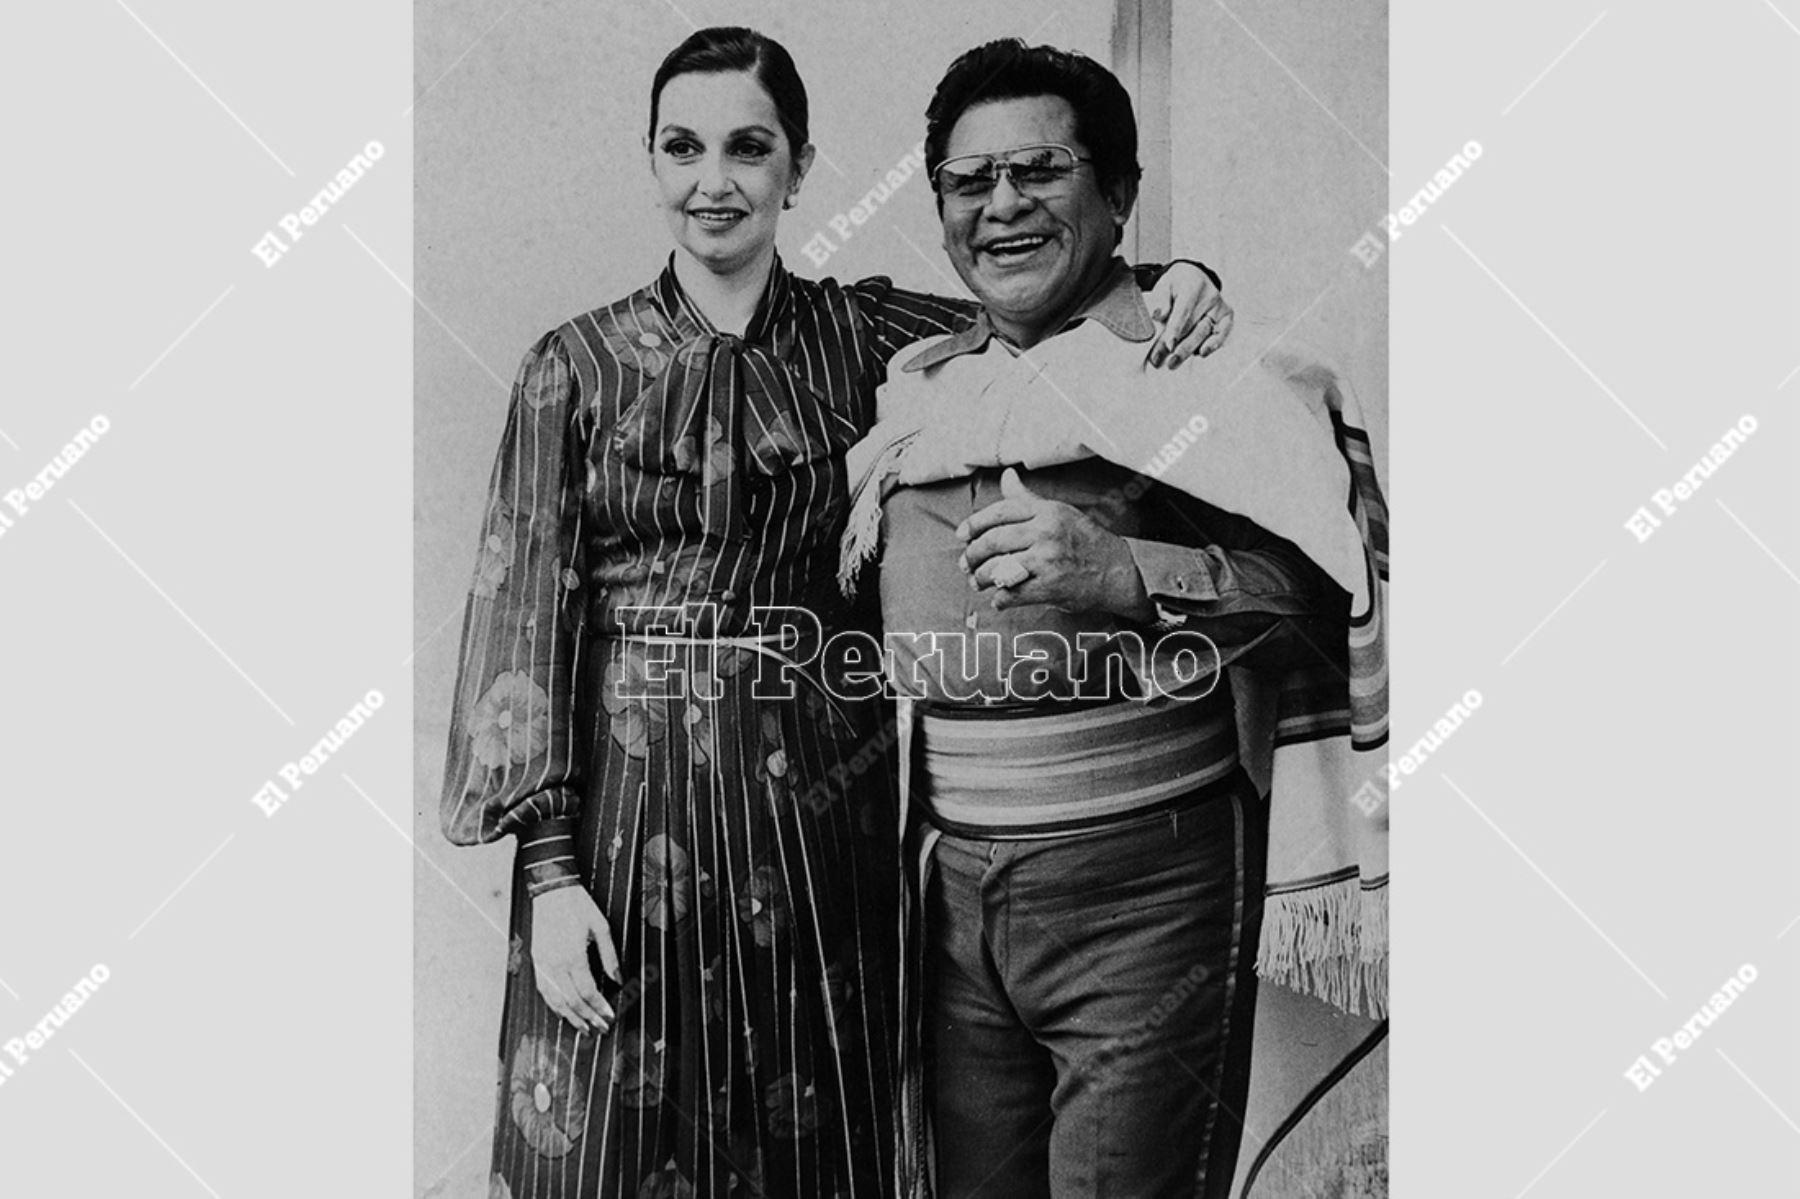 Lima - 10 junio 1986. Alicia Maguiña y Luis Abanto Morales juntos en una jornada de folclor en el Campo de Marte. Foto: Archivo Histórico de El Peruano / Pedro Arroyo